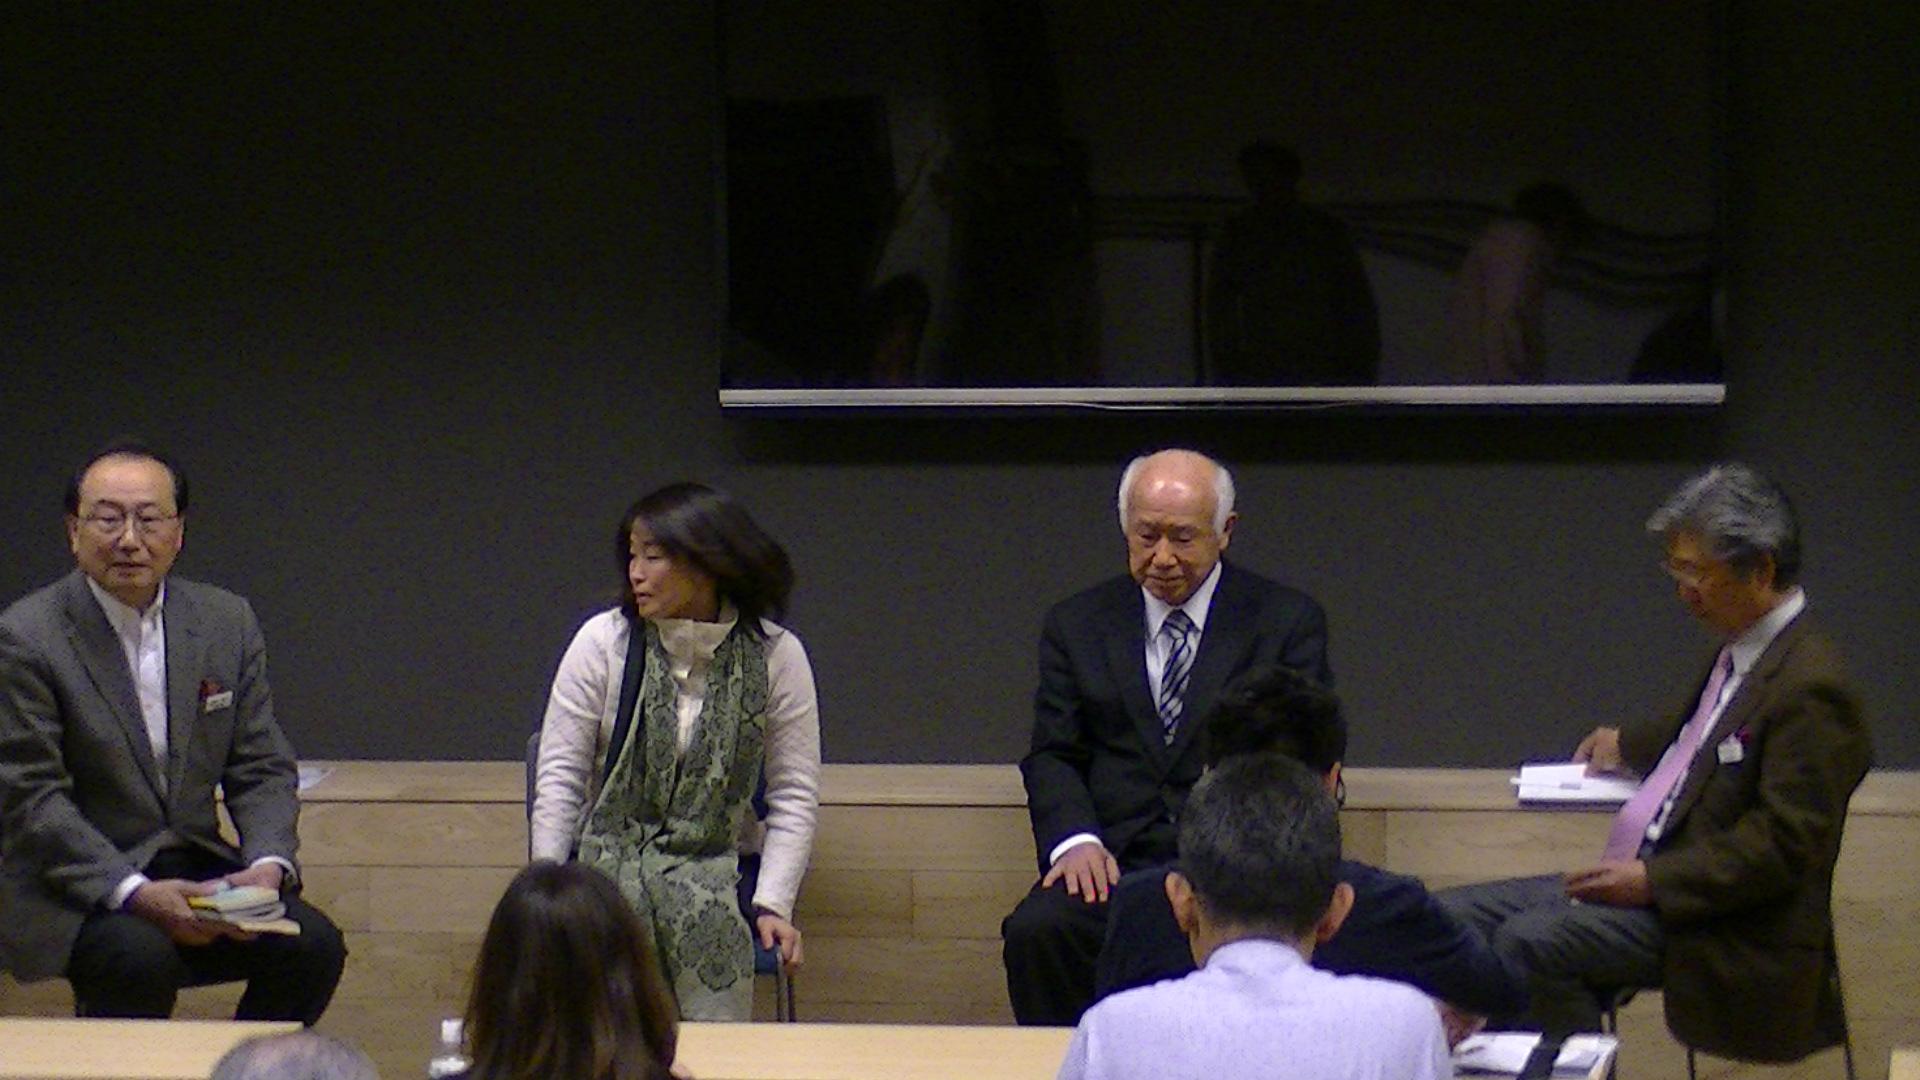 PIC 0539 1 - 平成30年度 東京思風塾 4月7日(土)「時代が問題をつくり、問題が人物をつくる」